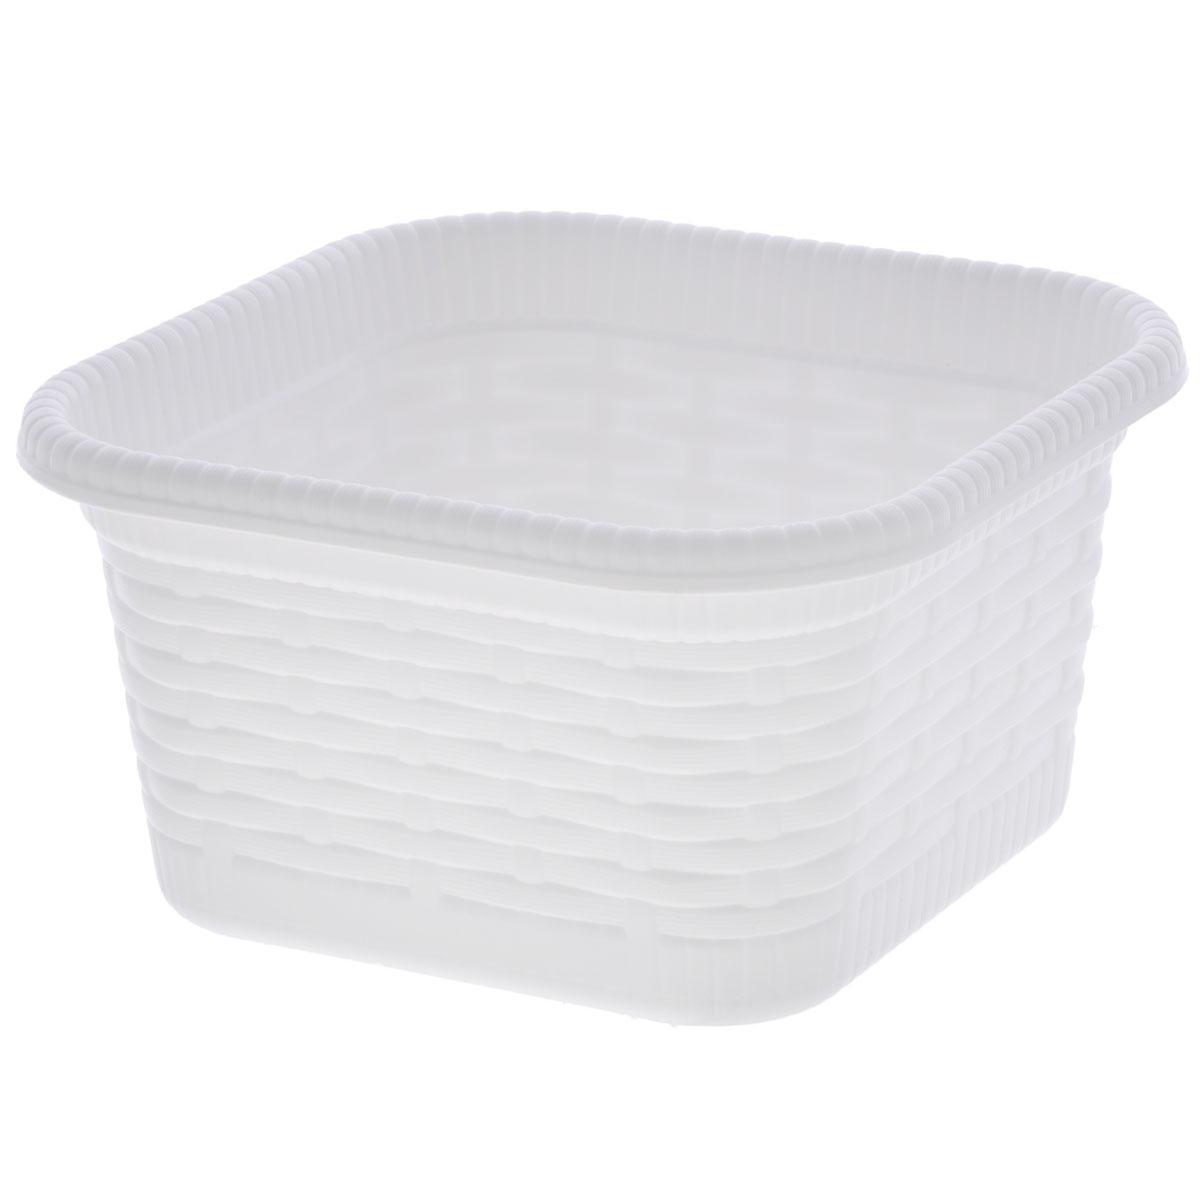 Корзина хозяйственная Gensini Rattan, цвет: белый, 15 х 15 х 8 смCLP446Корзина хозяйственная Gensini Rattan, выполненная из пластика, предназначена для хранения мелочей в ванной, на кухне, на даче или в гараже, исключая возможность их потери. Легкая воздушная корзина выполнена под плетенку и оснащена жесткой кромкой. Элегантный дизайн подойдет к интерьеру любого дома.